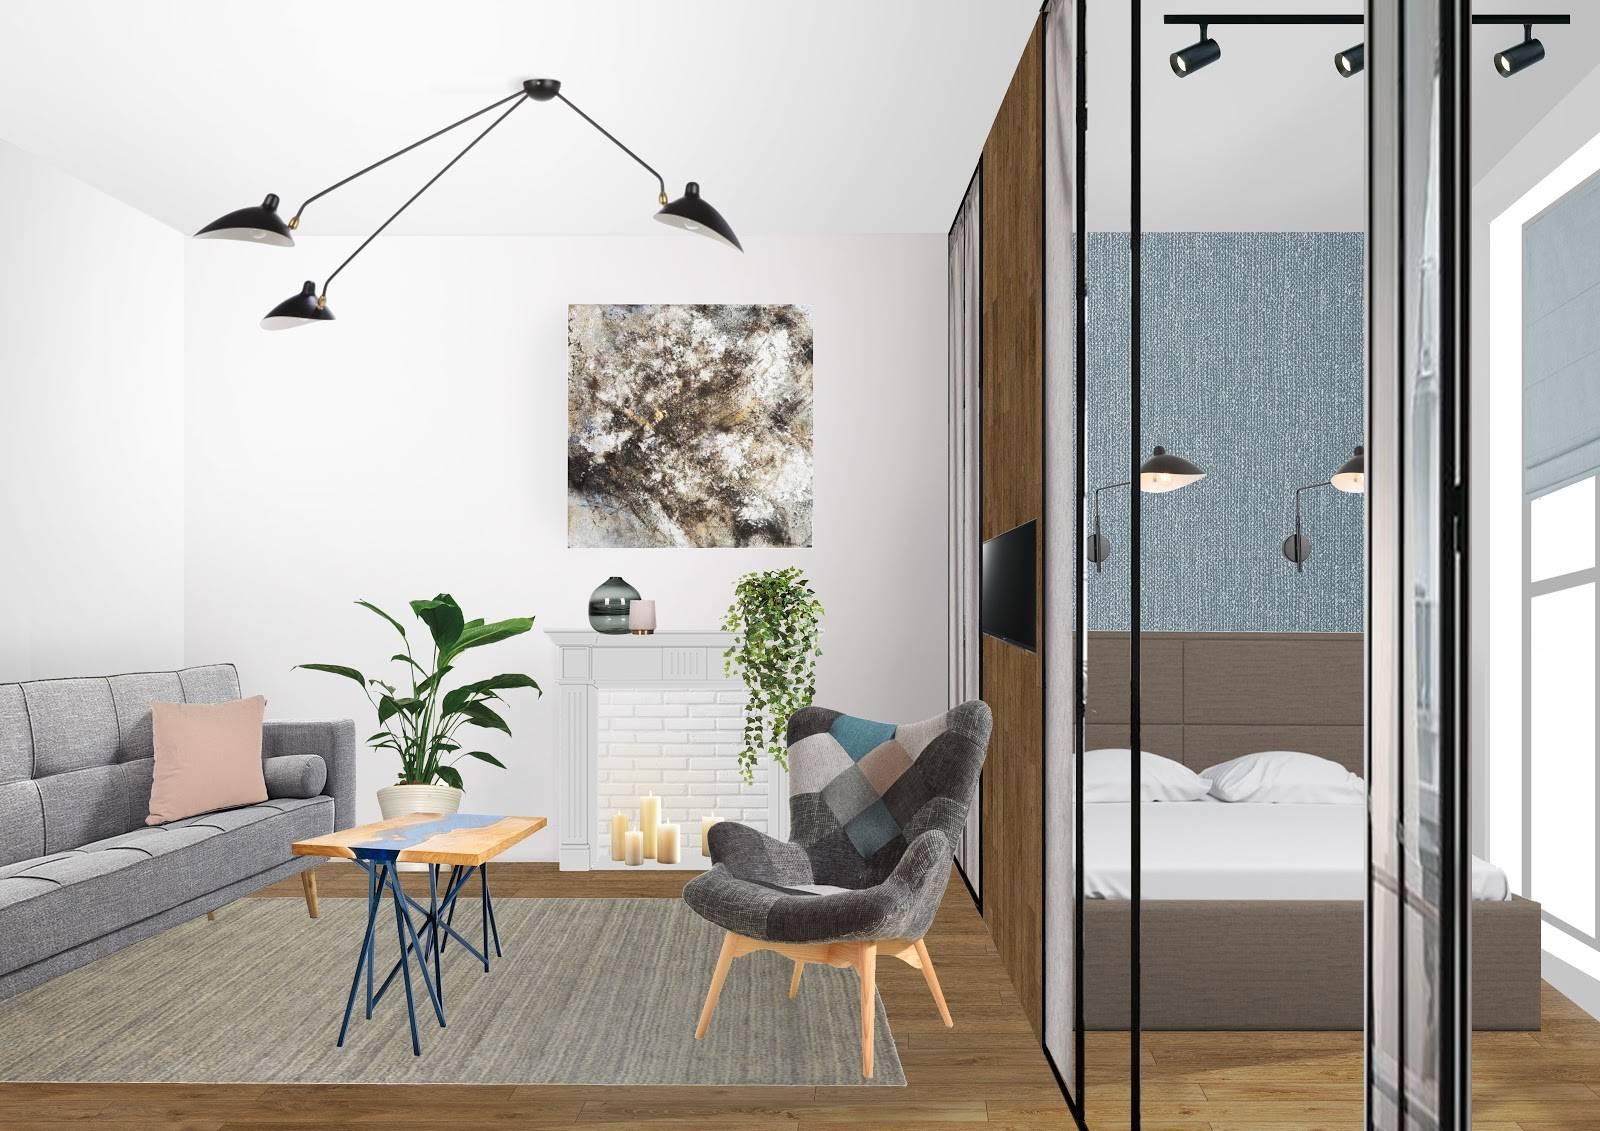 Дизайн однокомнатной квартиры с нишей (47 фото): интерьер комнаты с нишей для кровати в спальне. как расставить мебель?